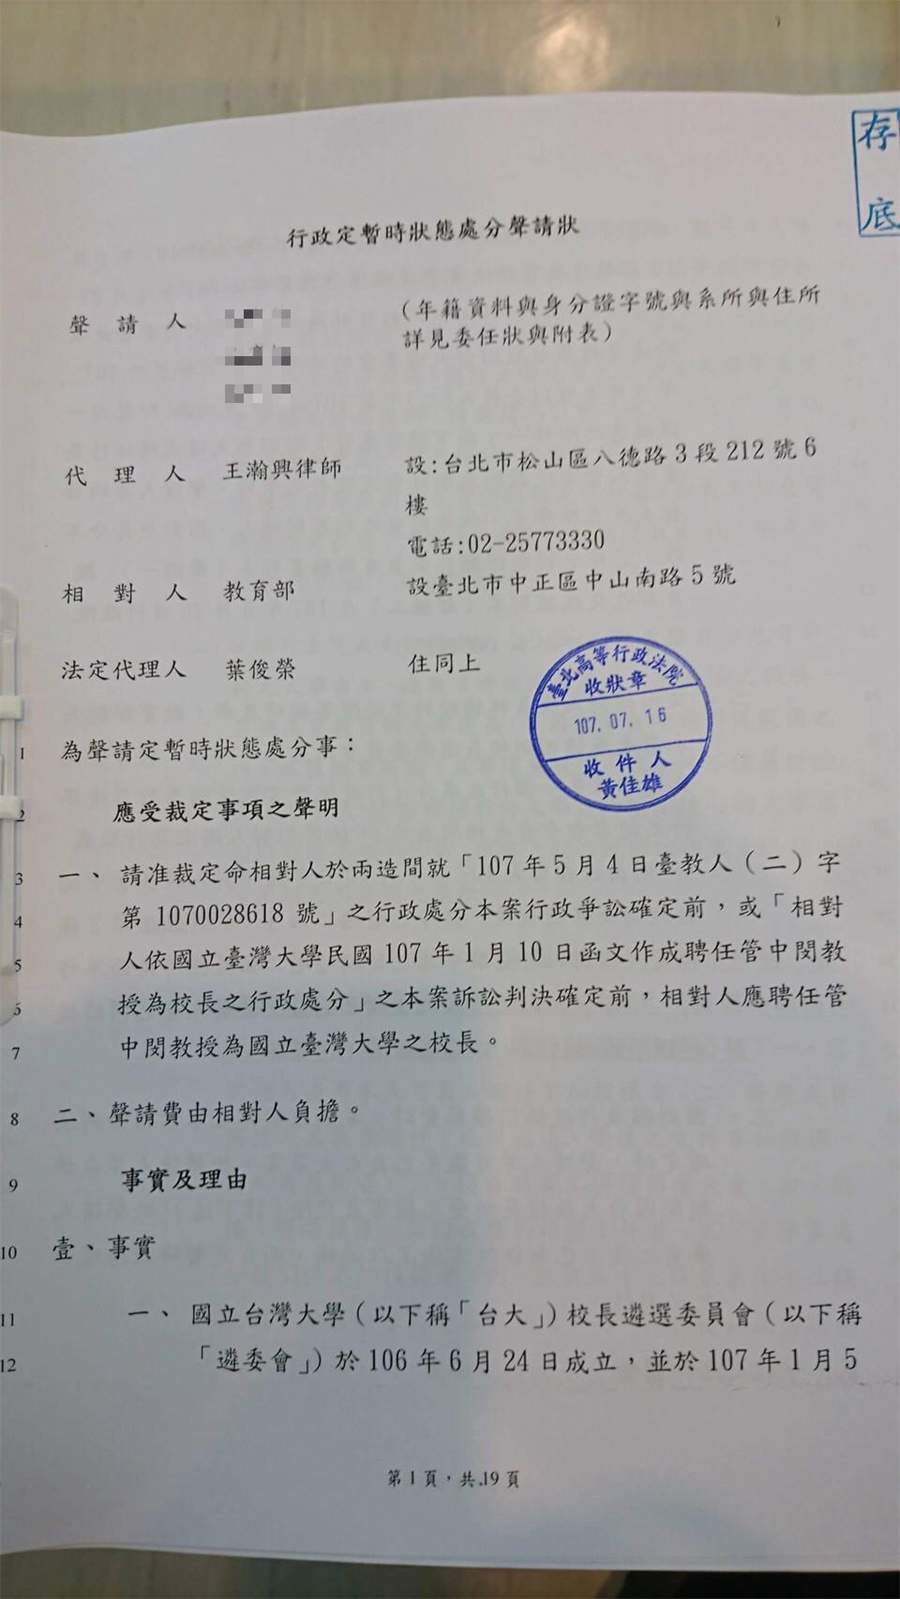 提出訴願的台大學生中,昨天已有人向台北高等行政法院聲請定暫時狀態處分,在訴訟判決確定前,應聘任管中閔為台大校長。(圖/讀者提供)